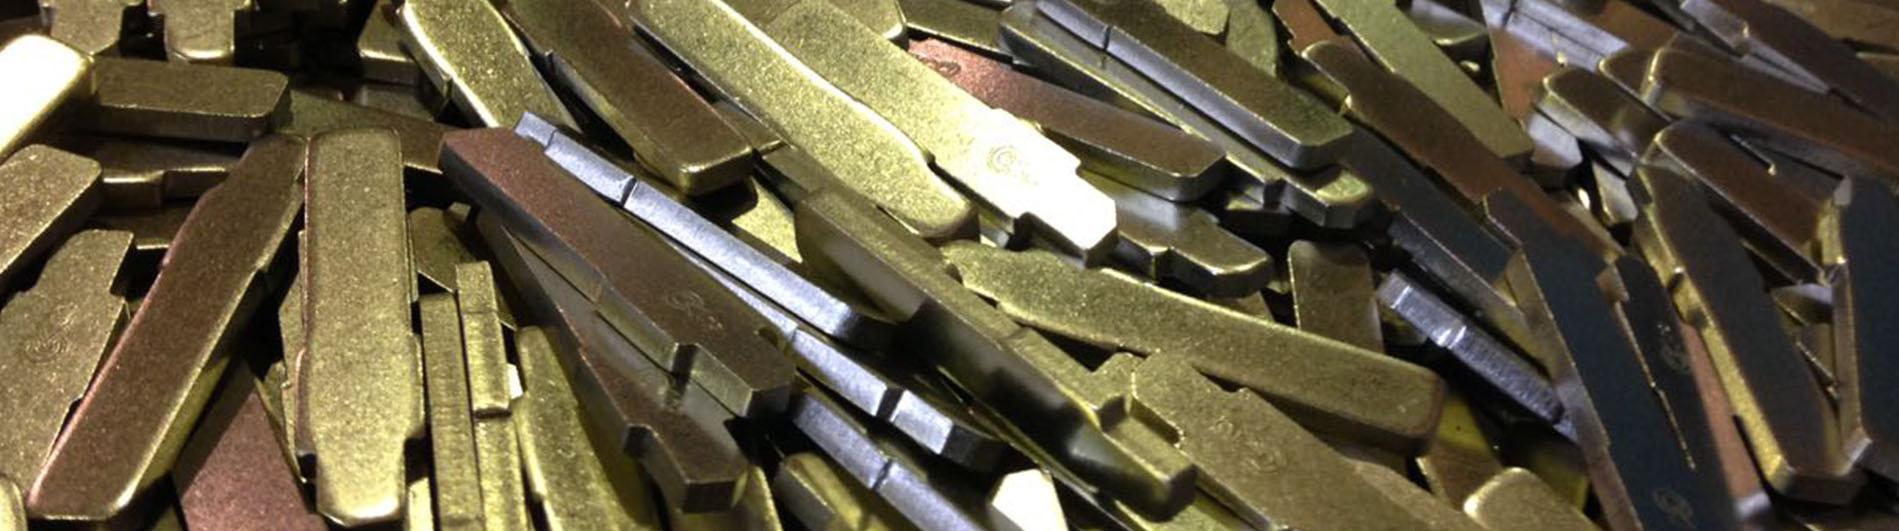 Nuova Vat - pulitura metalli - testata burattatura metalli